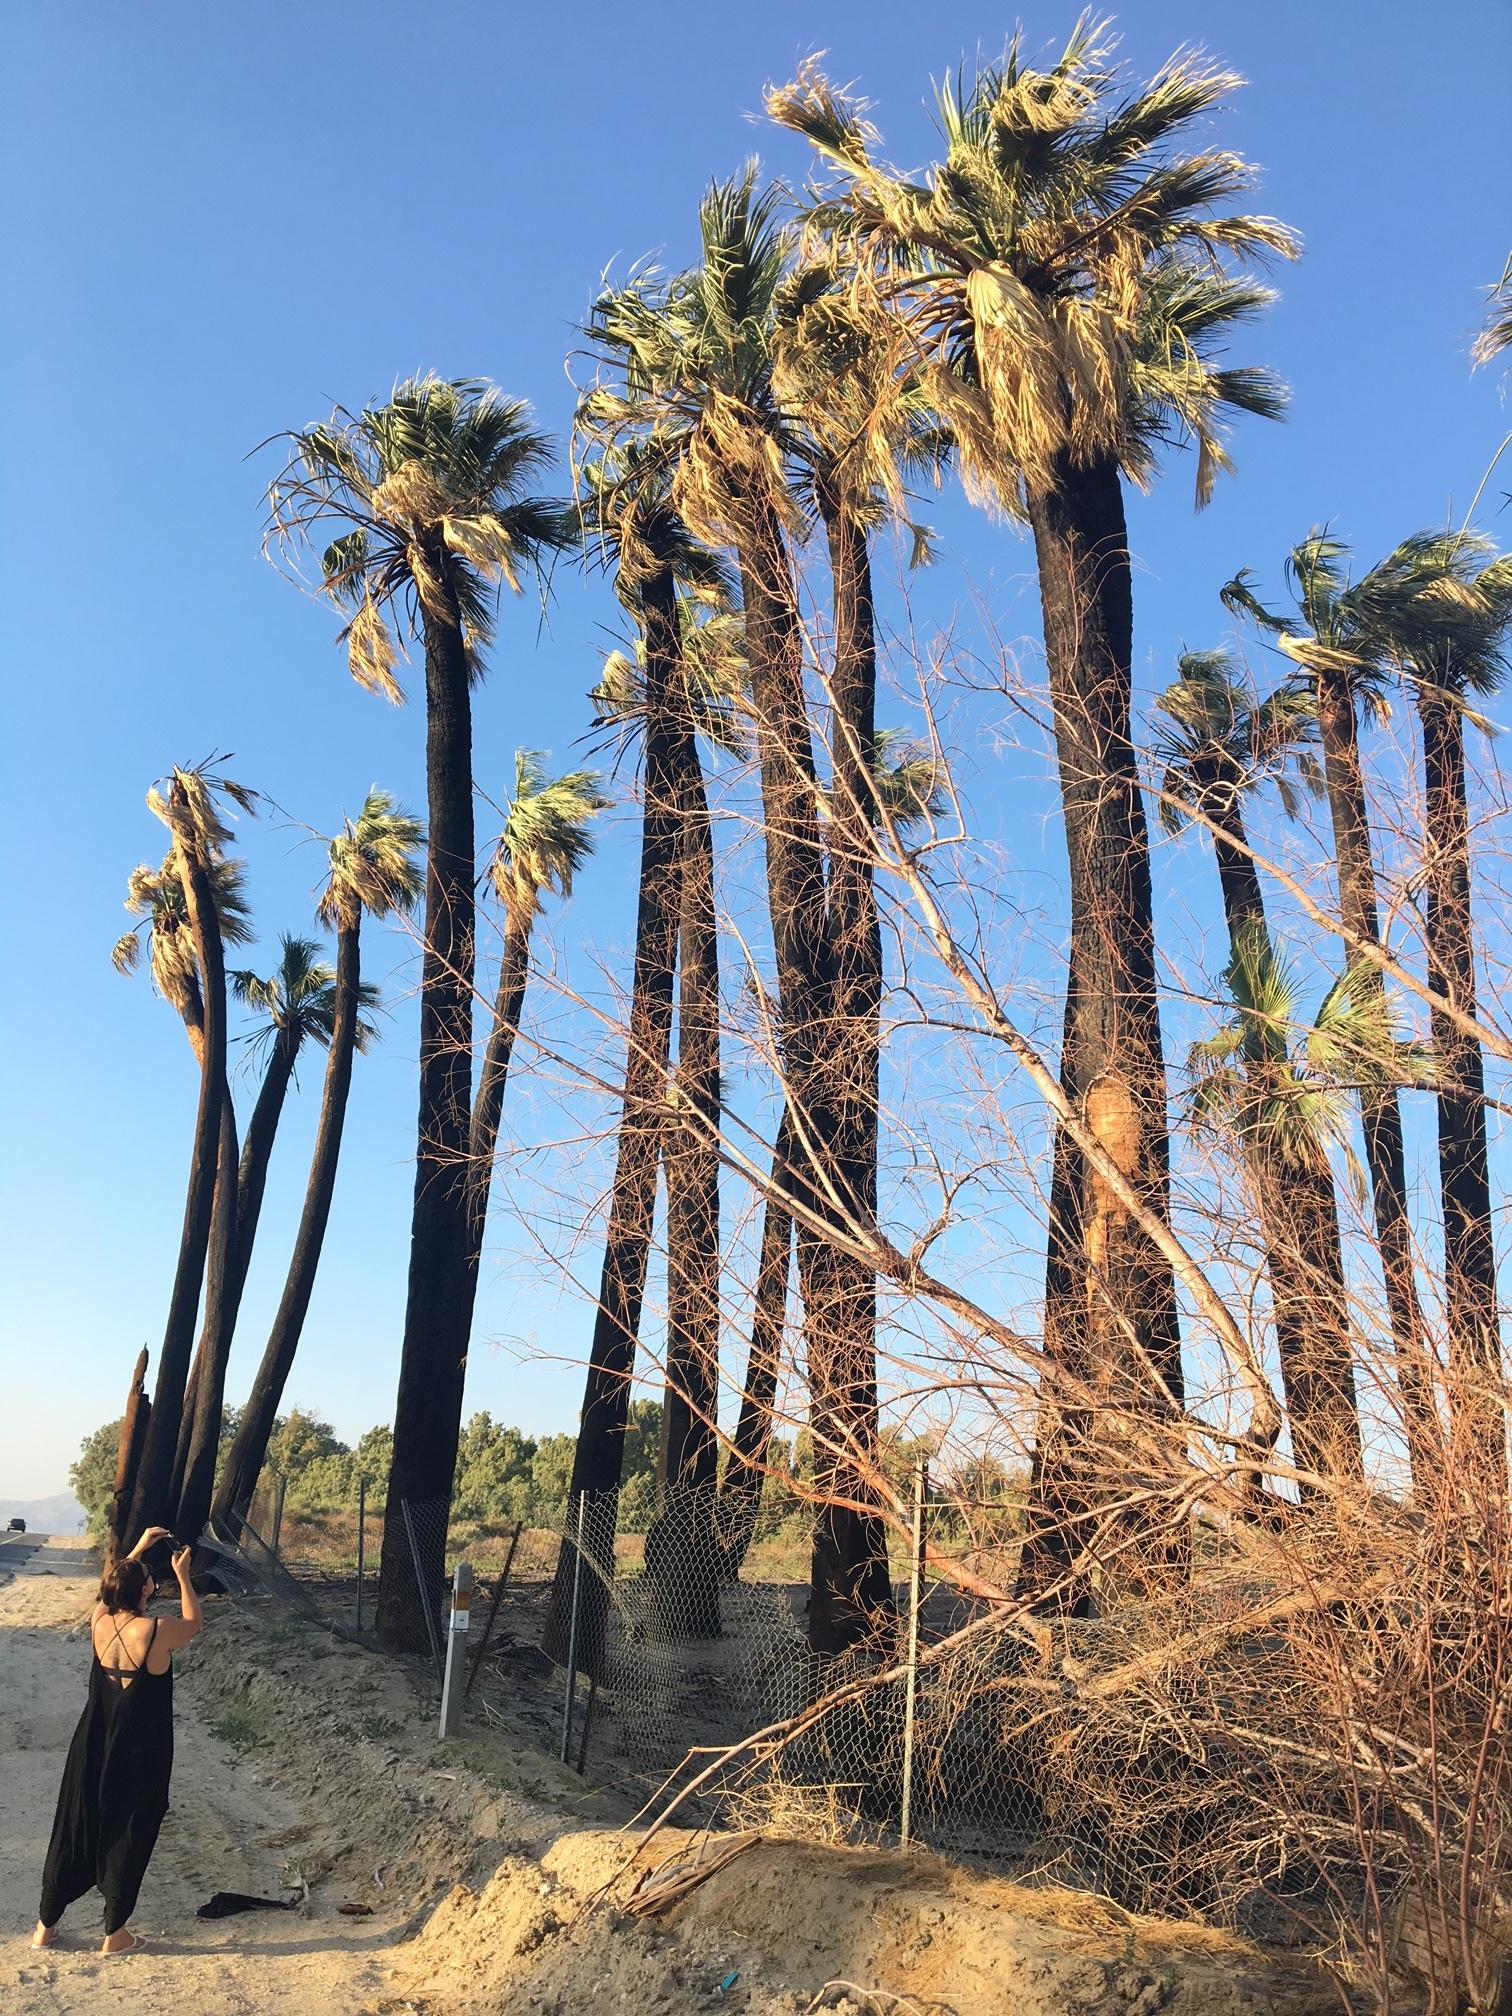 Outside of Joshua Tree, California, 2018.